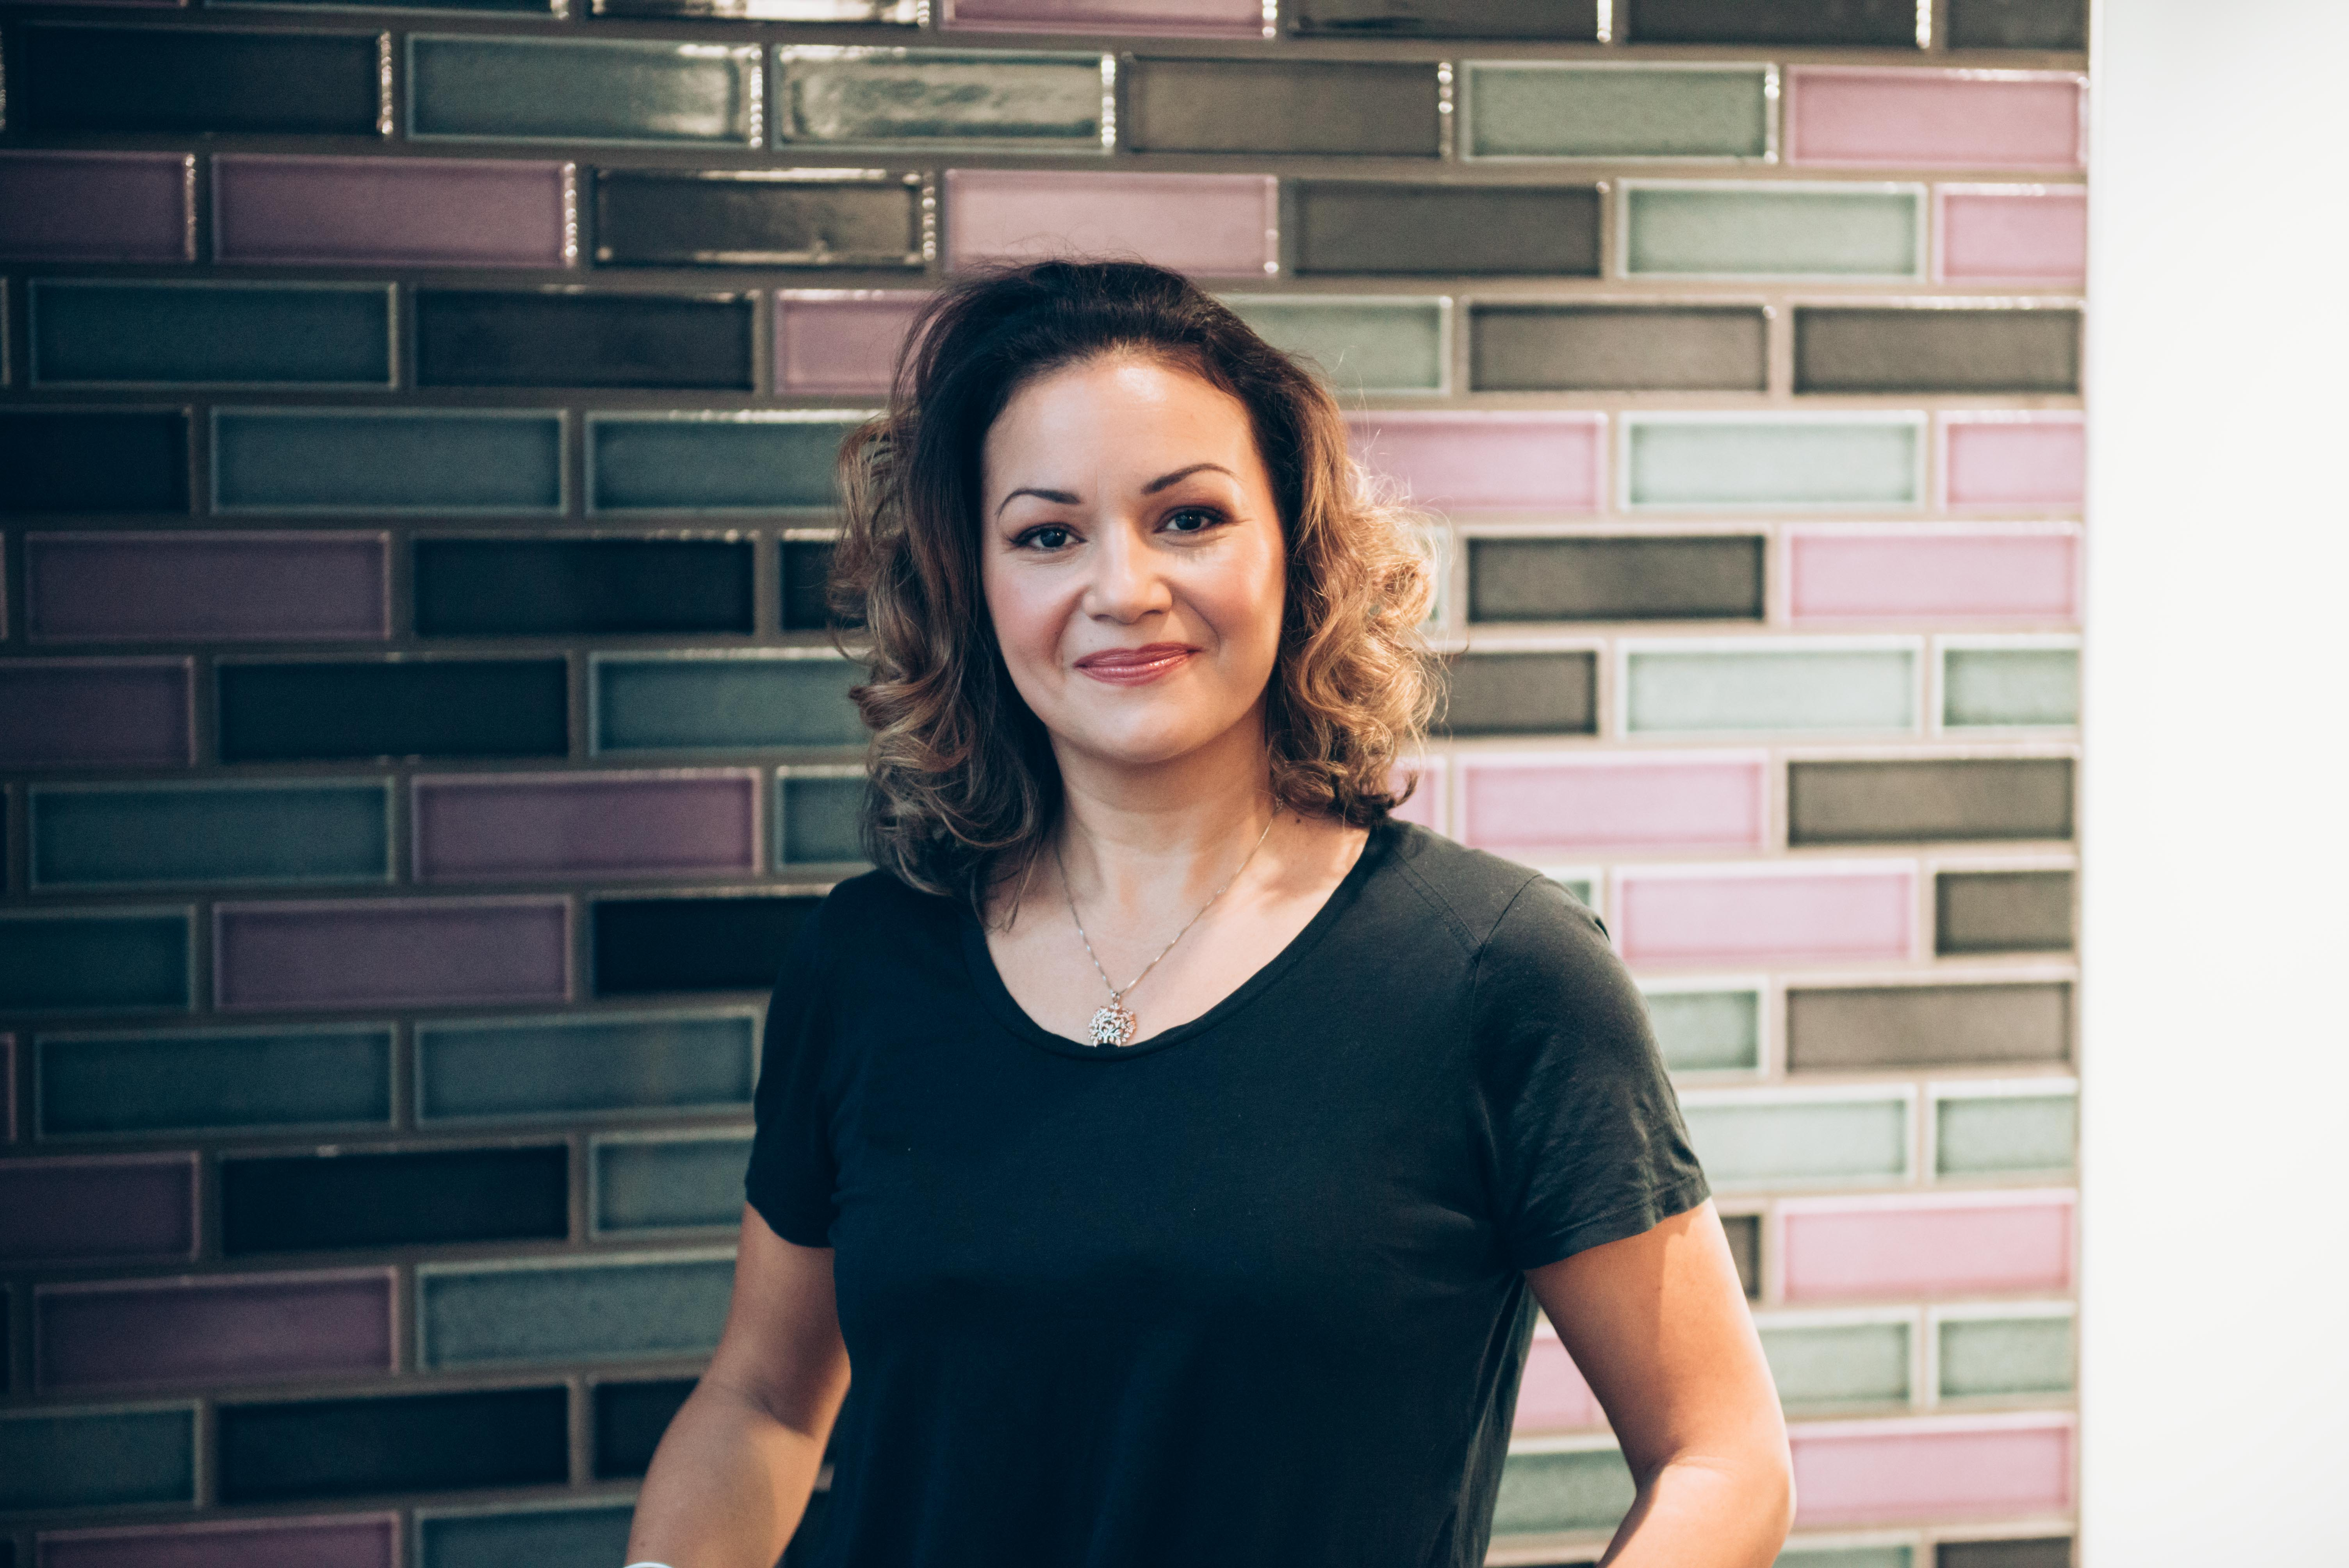 Gemma Levitas